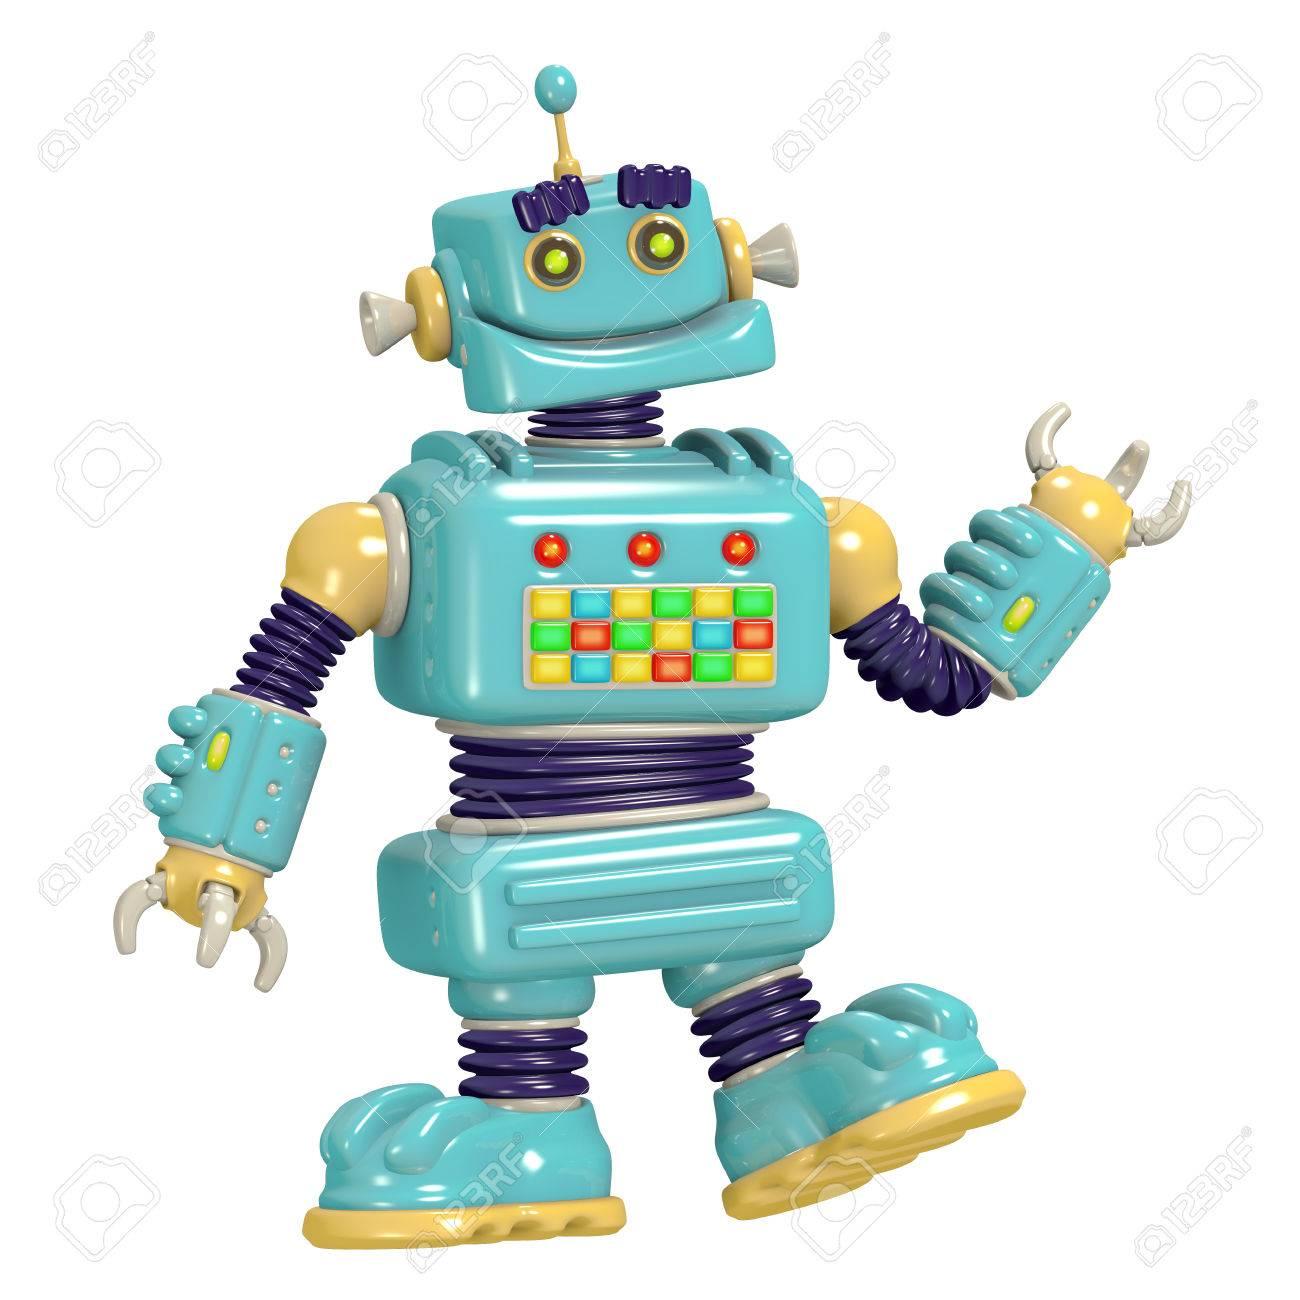 ロボット 3 D イラストを漫画しますサイエンス フィクション